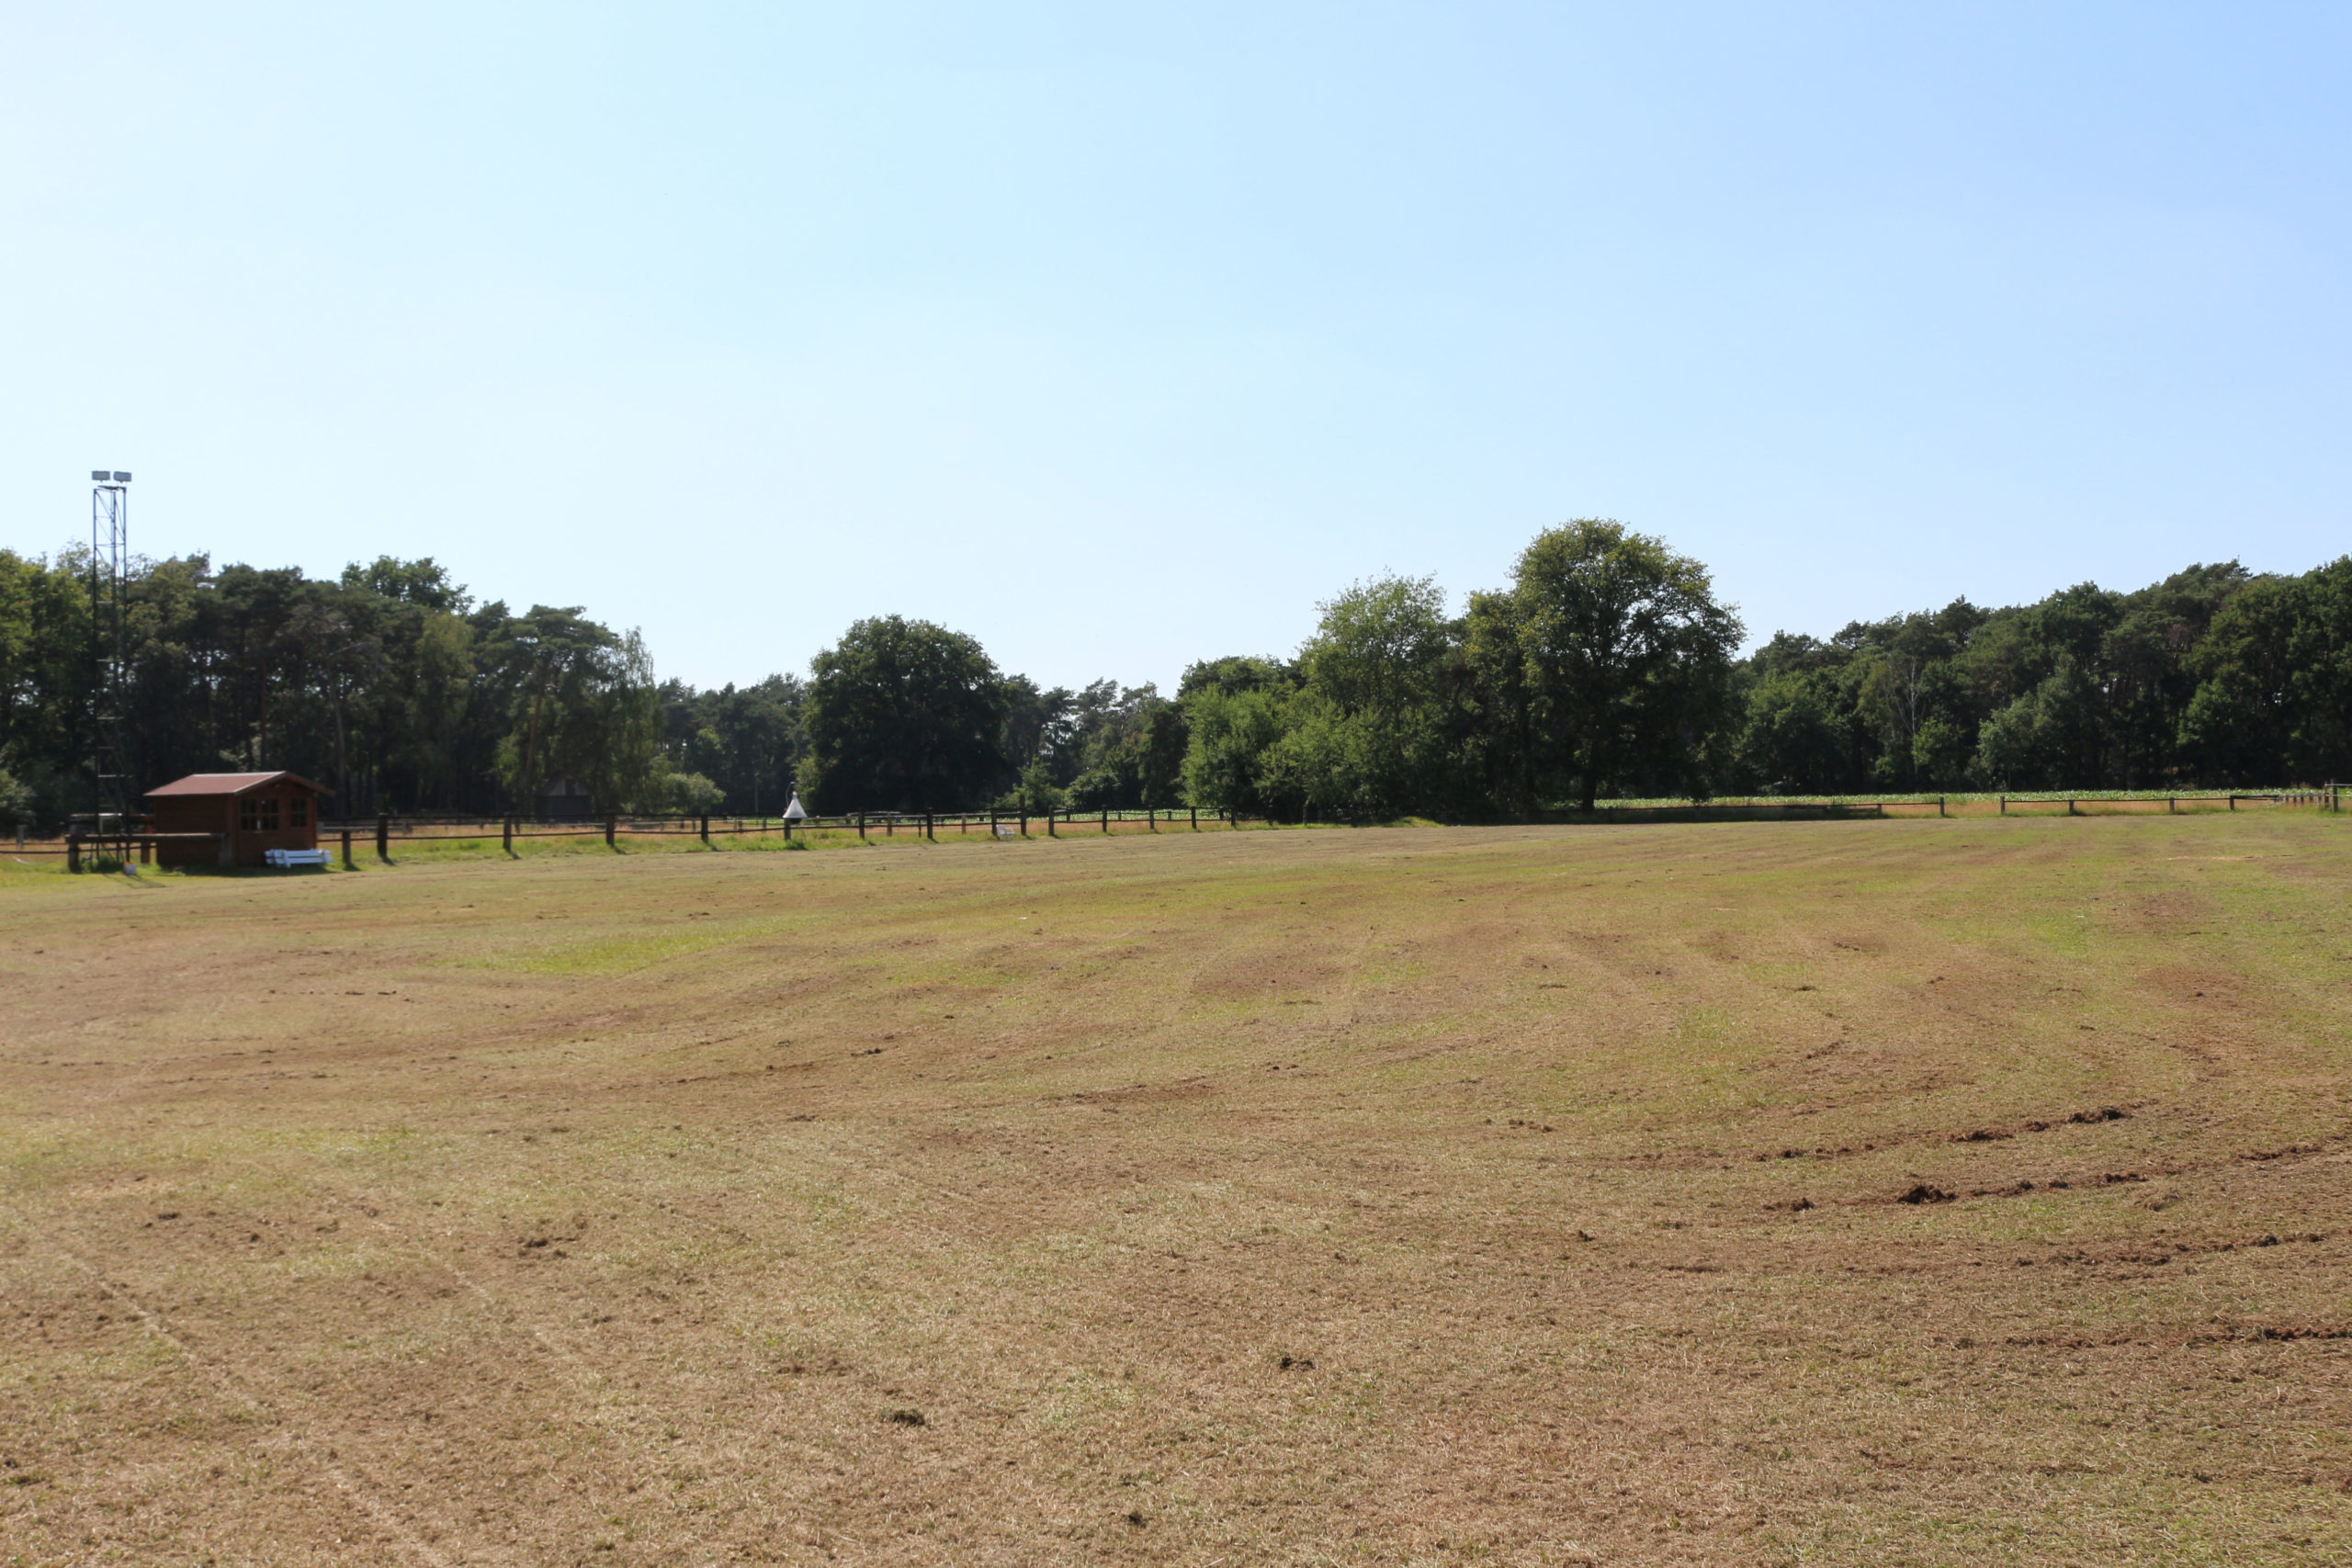 Fahrplatz auf Rasen